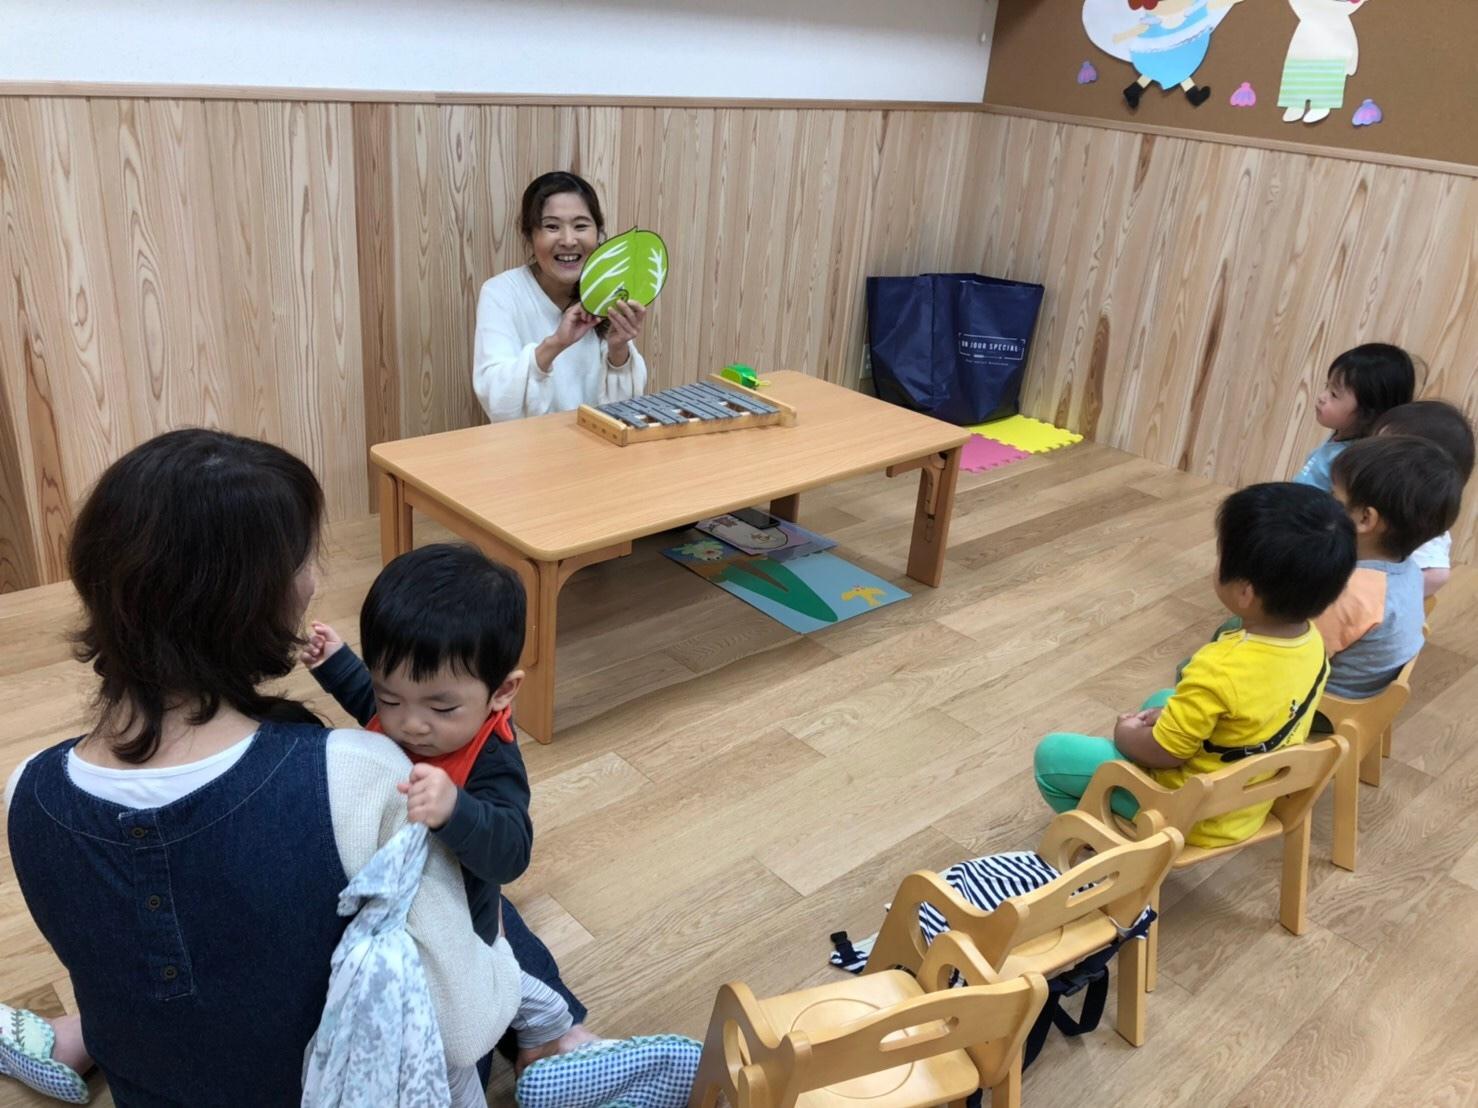 新百合ルーム〜習い事〜_a0318871_17230712.jpeg